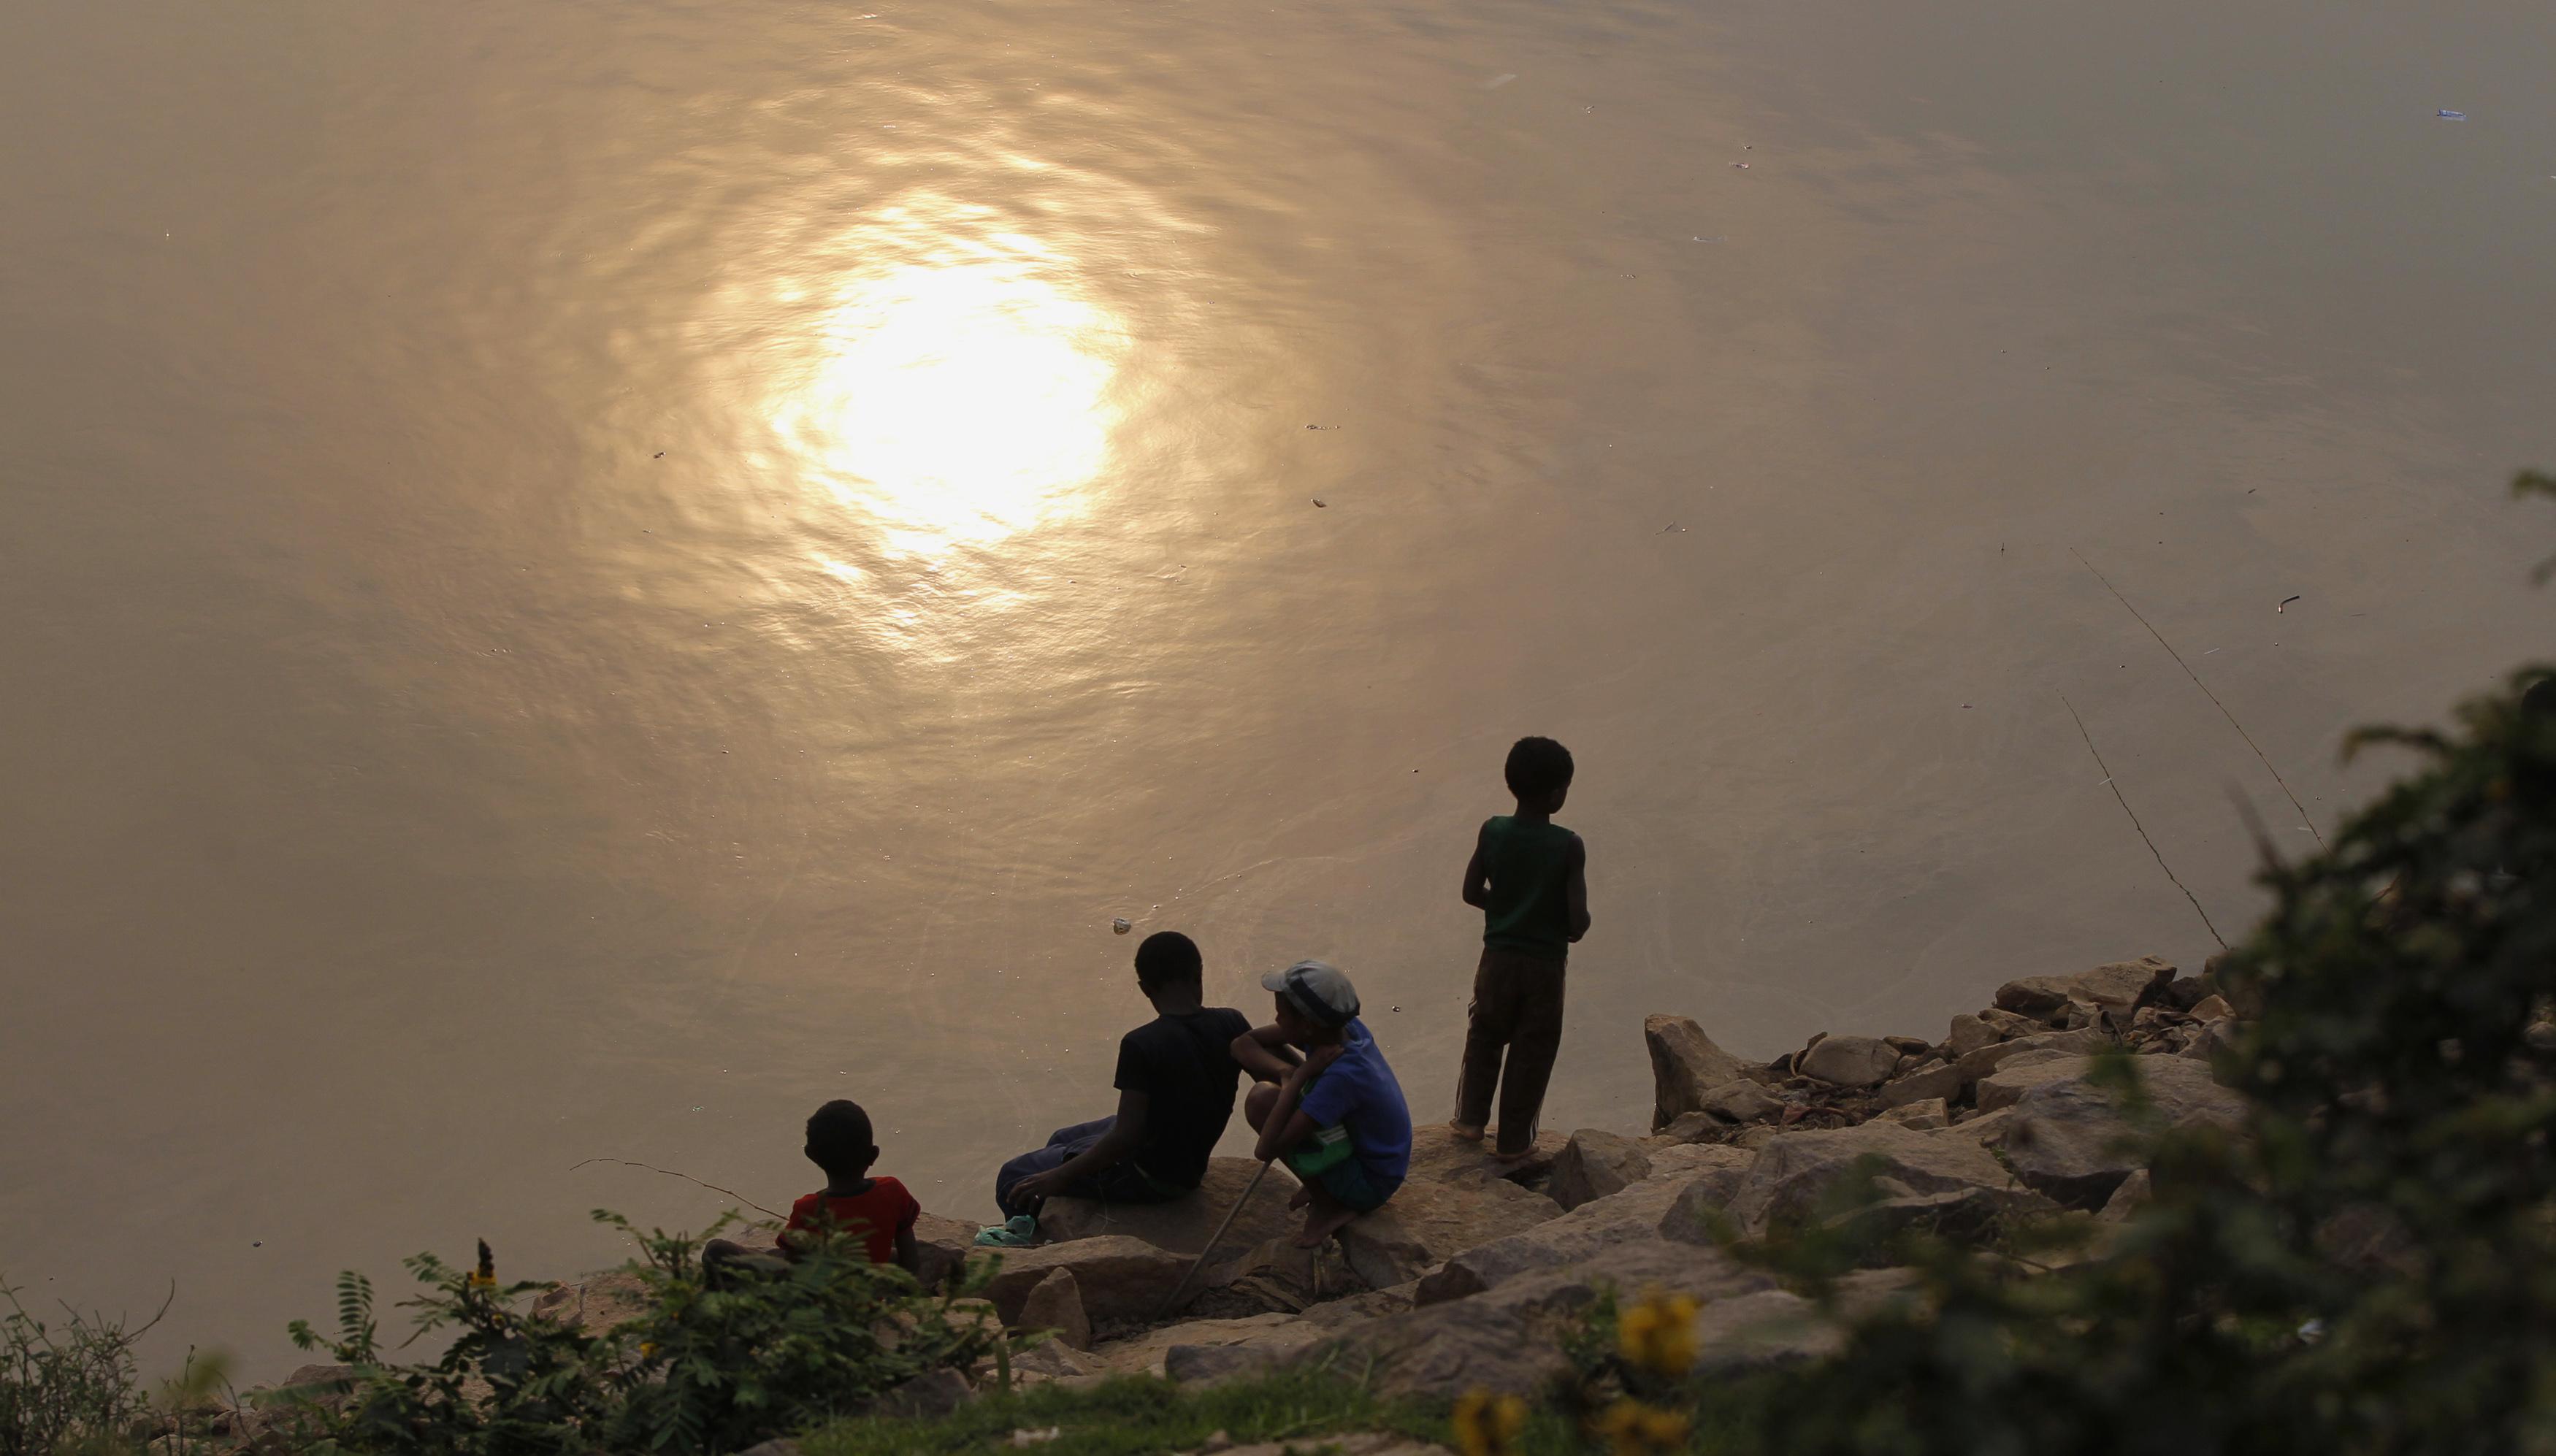 Boys fish at sunset along the banks of the Ikopa river in Madagascar's capital Antananarivo